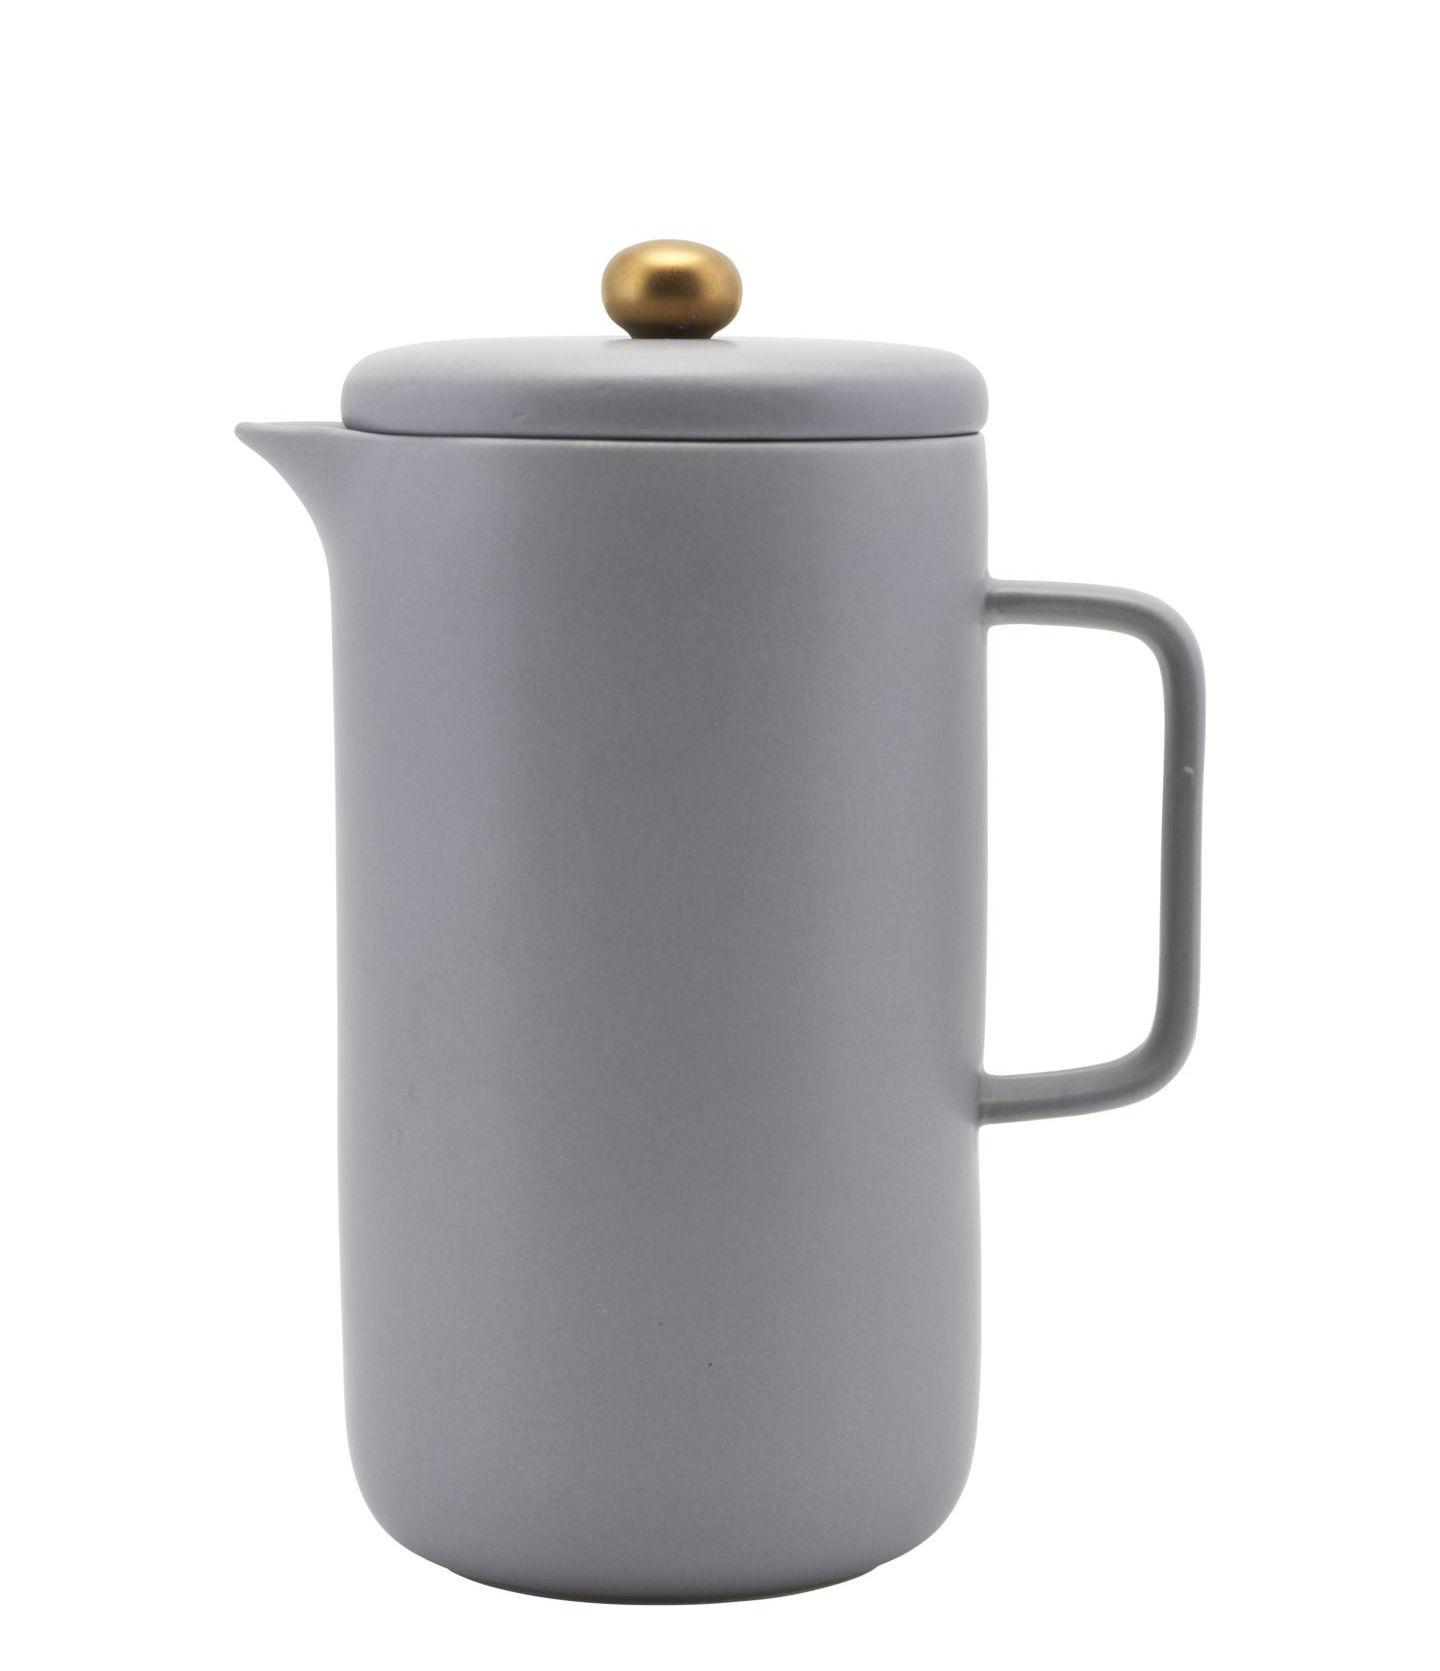 Arts de la table - Thé et café - Cafetière à piston Pot / Porcelaine - 1 L - House Doctor - Gris - Acier, Porcelaine